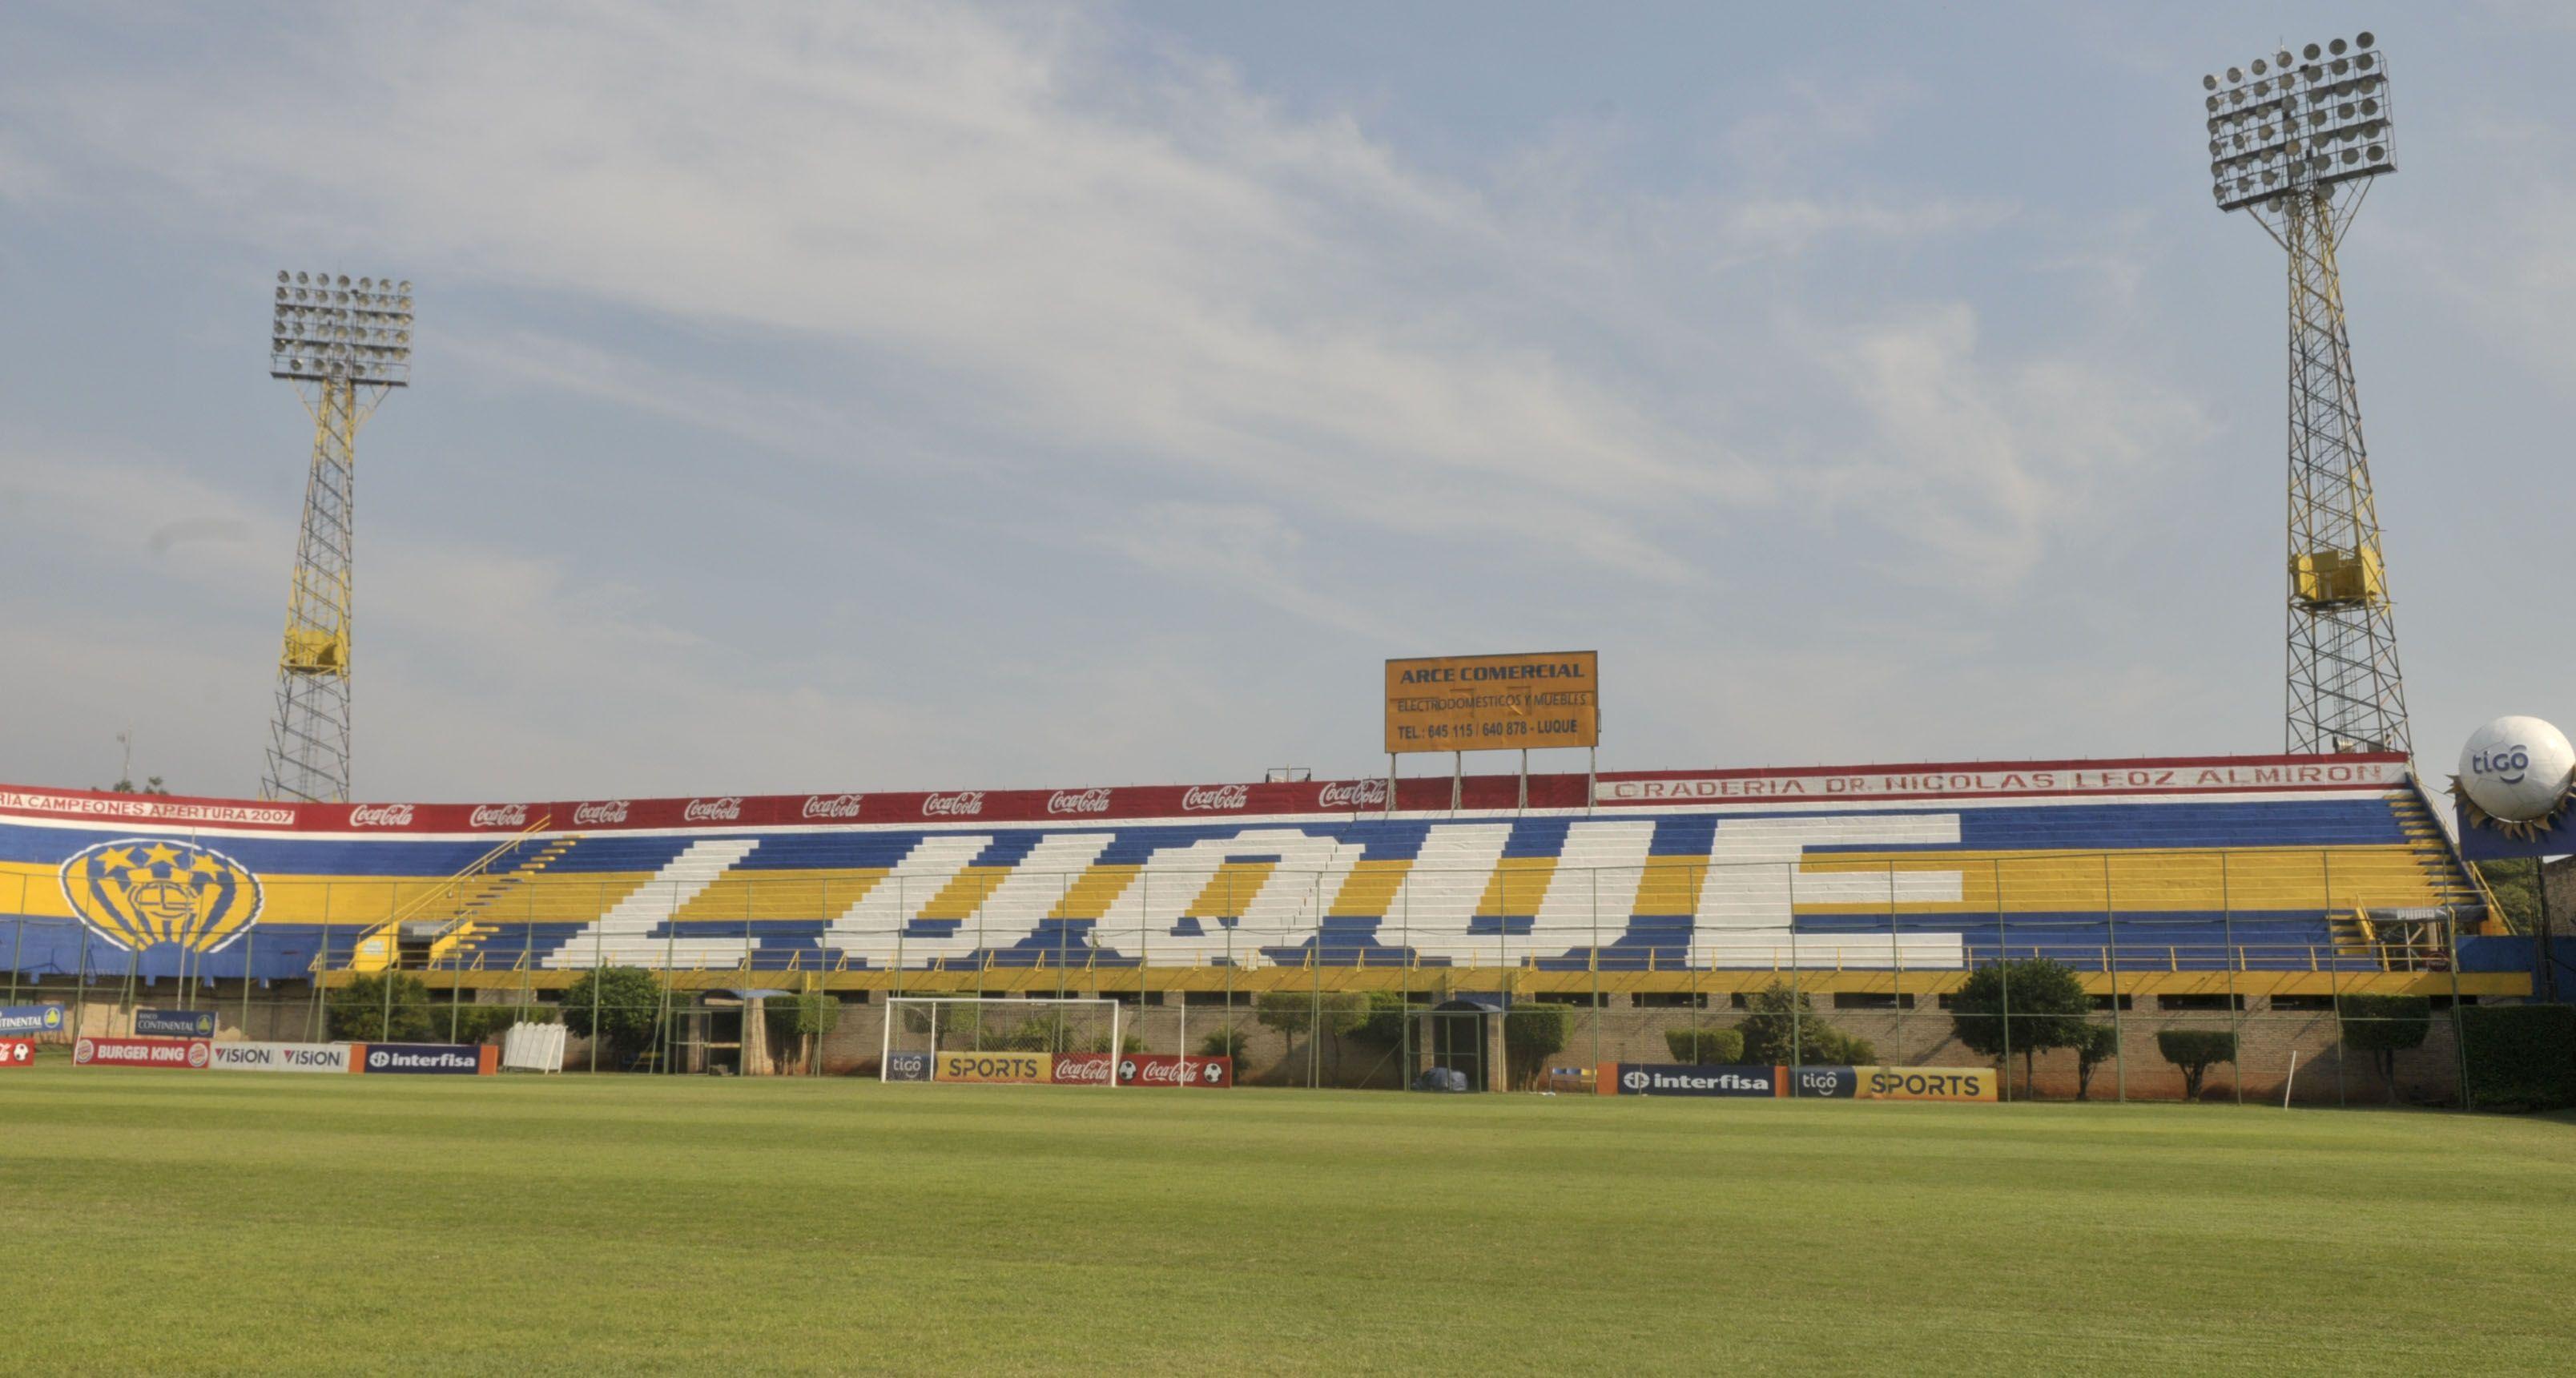 El estadio Feliciano Cáceres de Luque fue elegido como sede para la final del certamen. Foto: Última Hora.